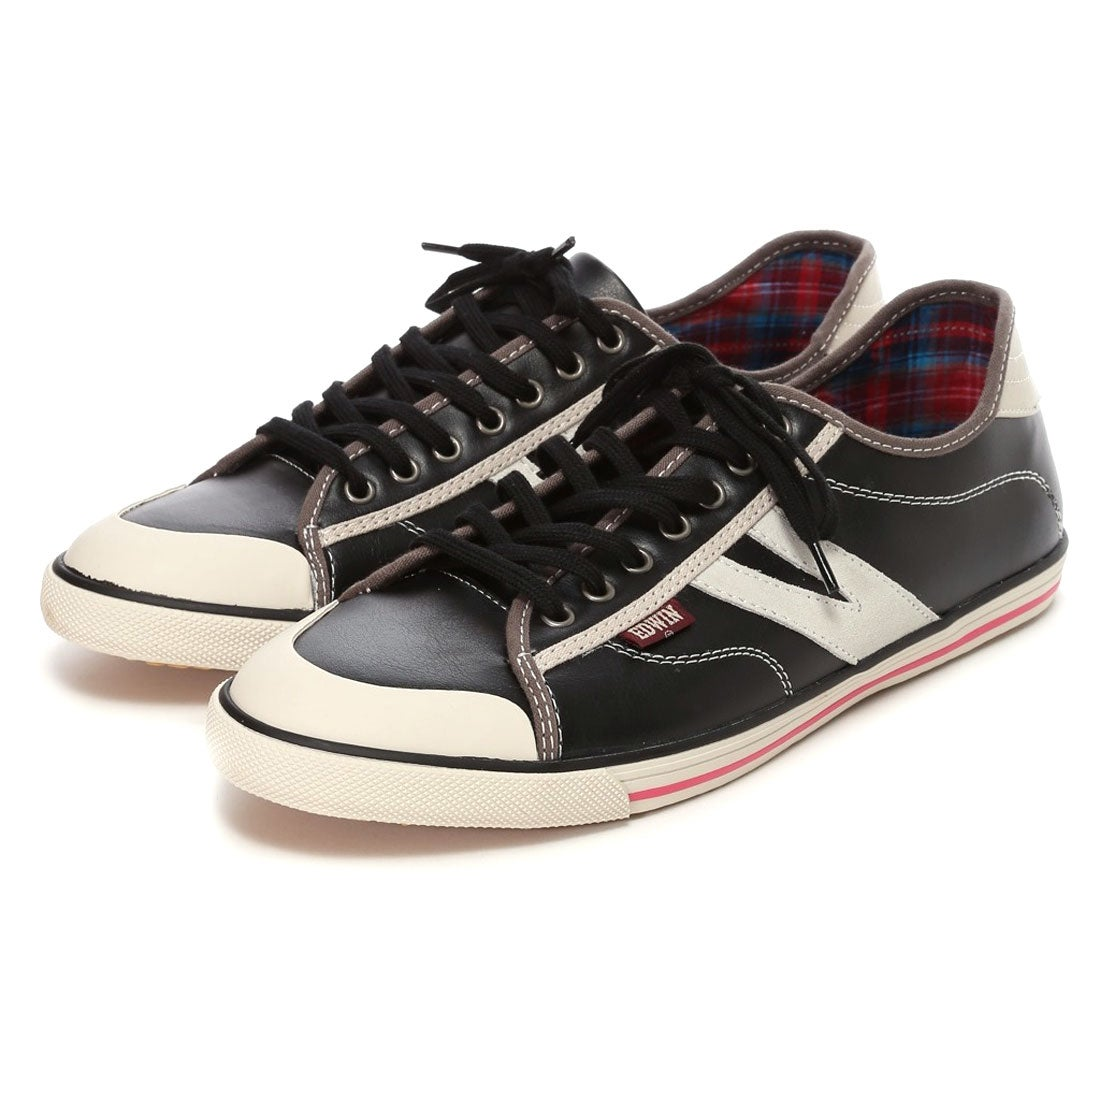 エドウィン EDWIN カジュアルシューズ(BLACK) ,靴とファッションの通販サイト ロコンド